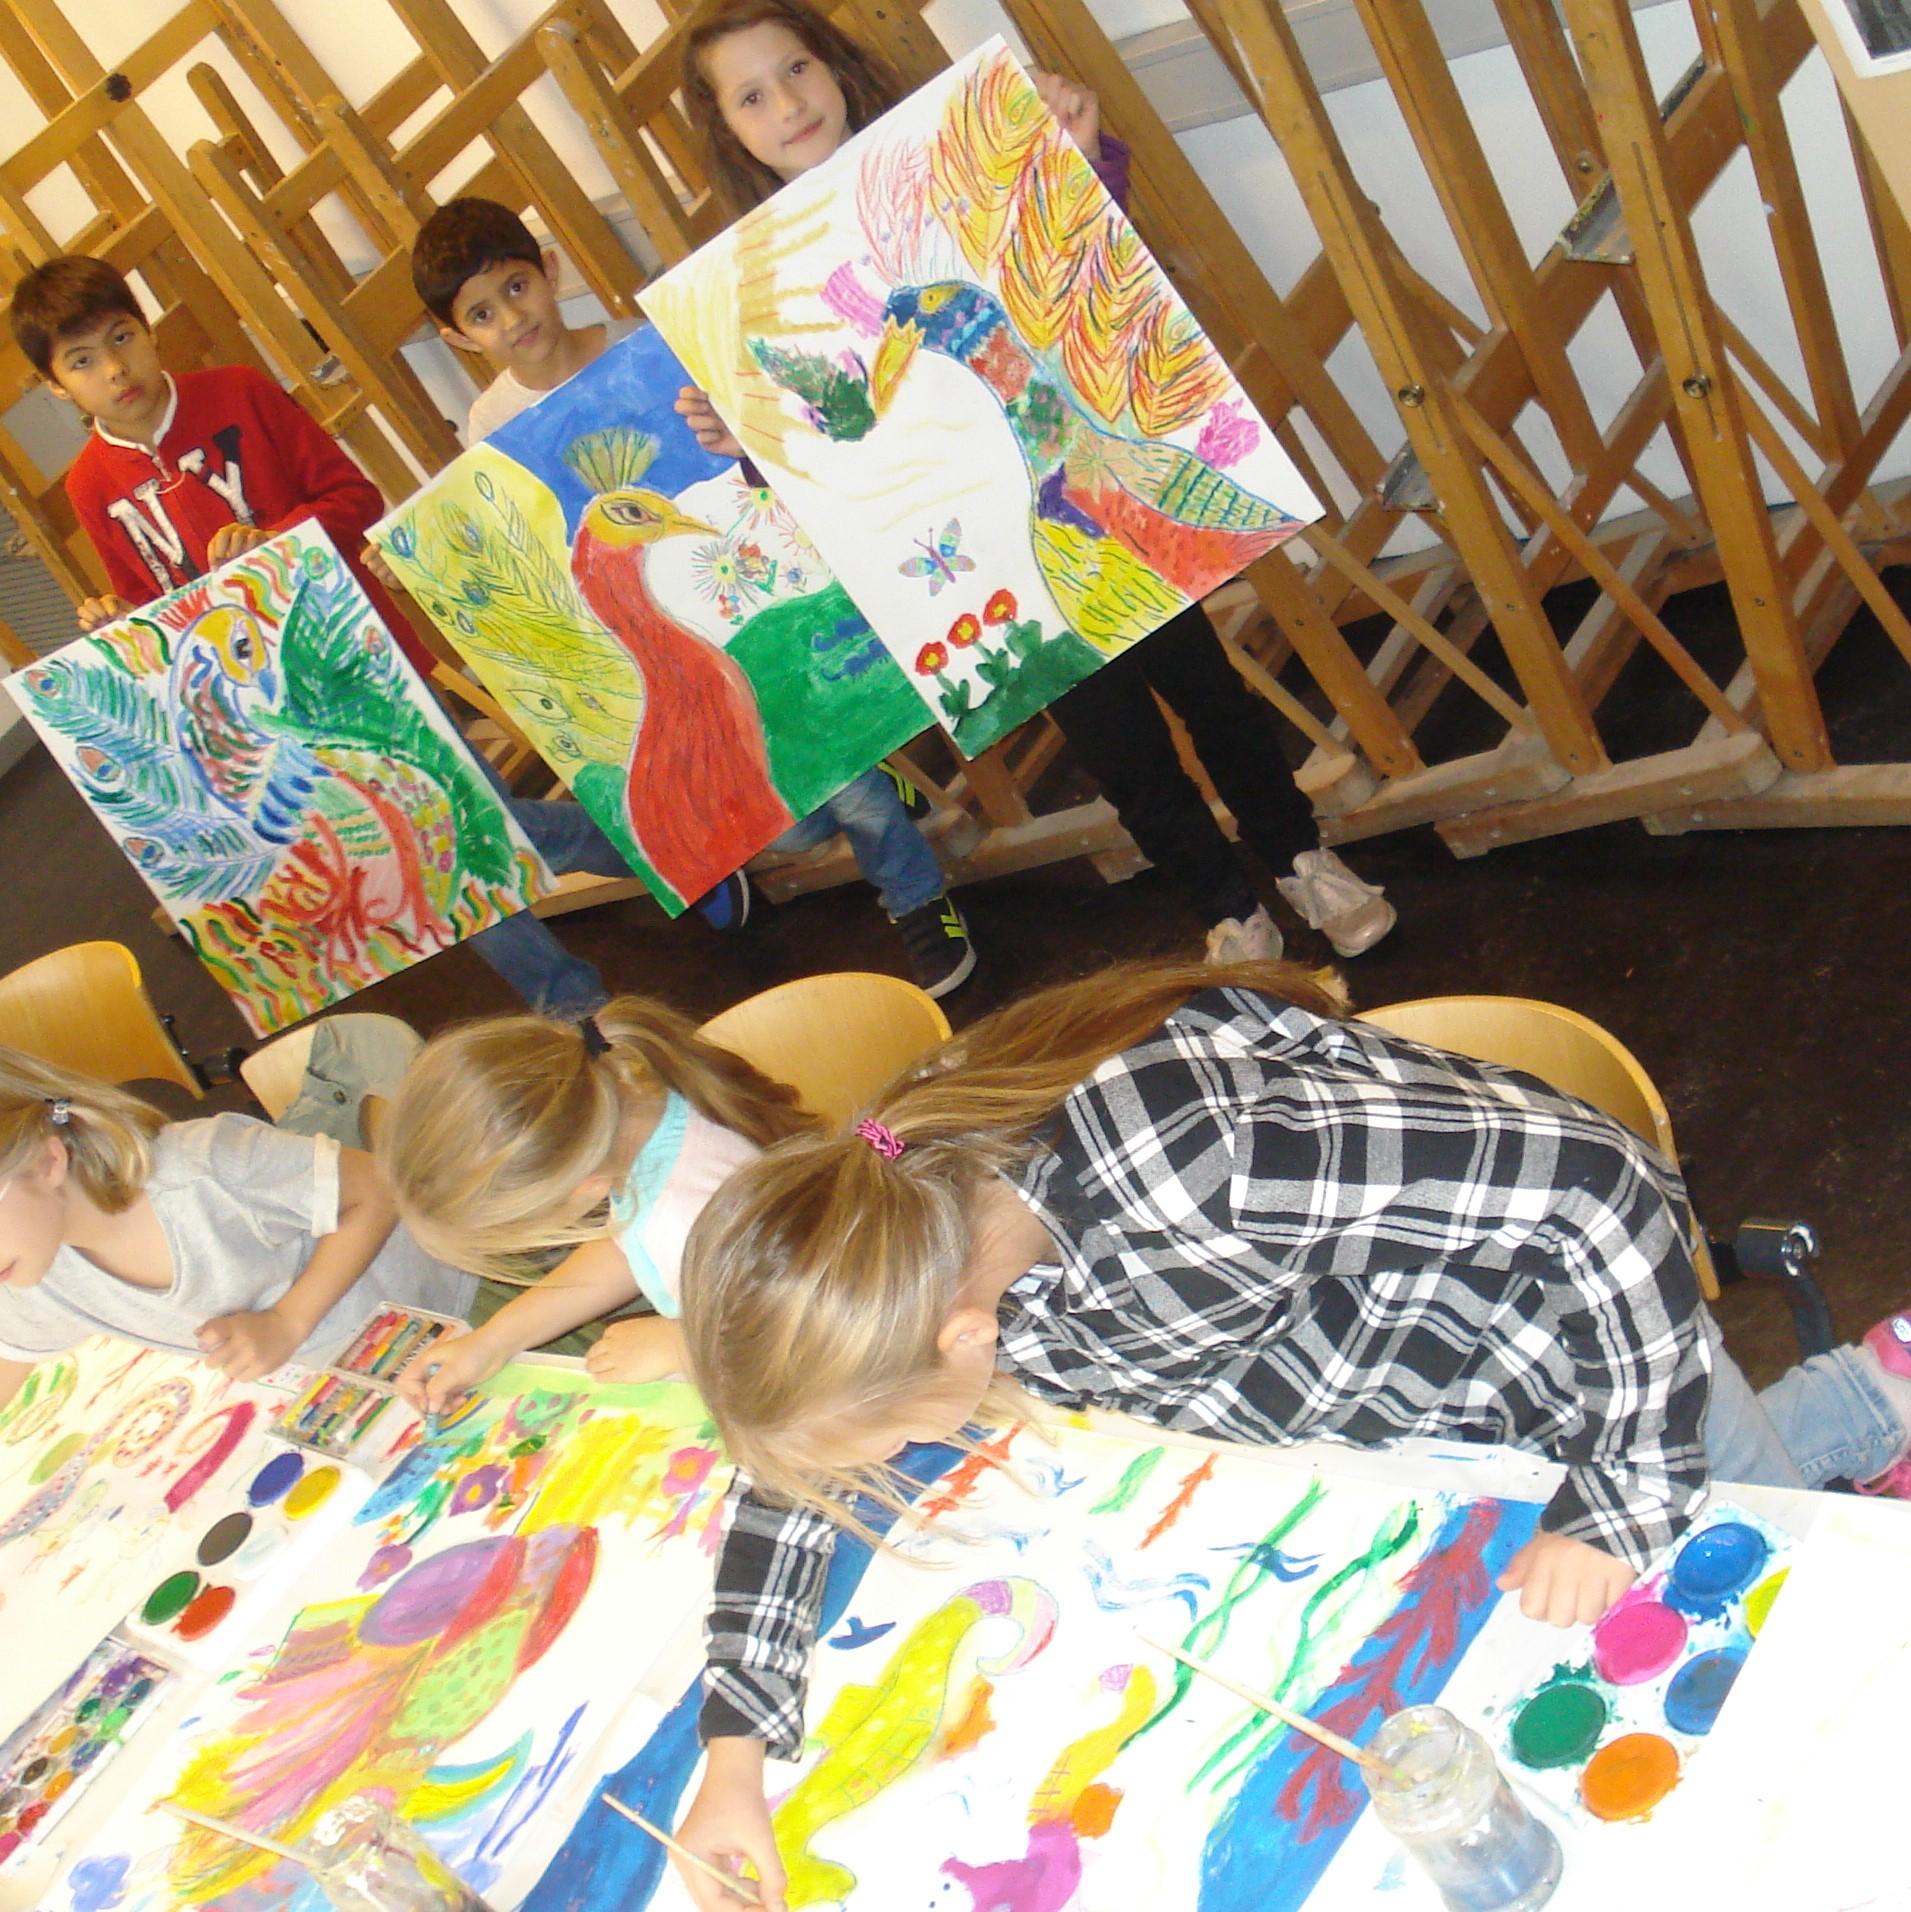 Talentenklas maandag (6-12 jaar) - creatief